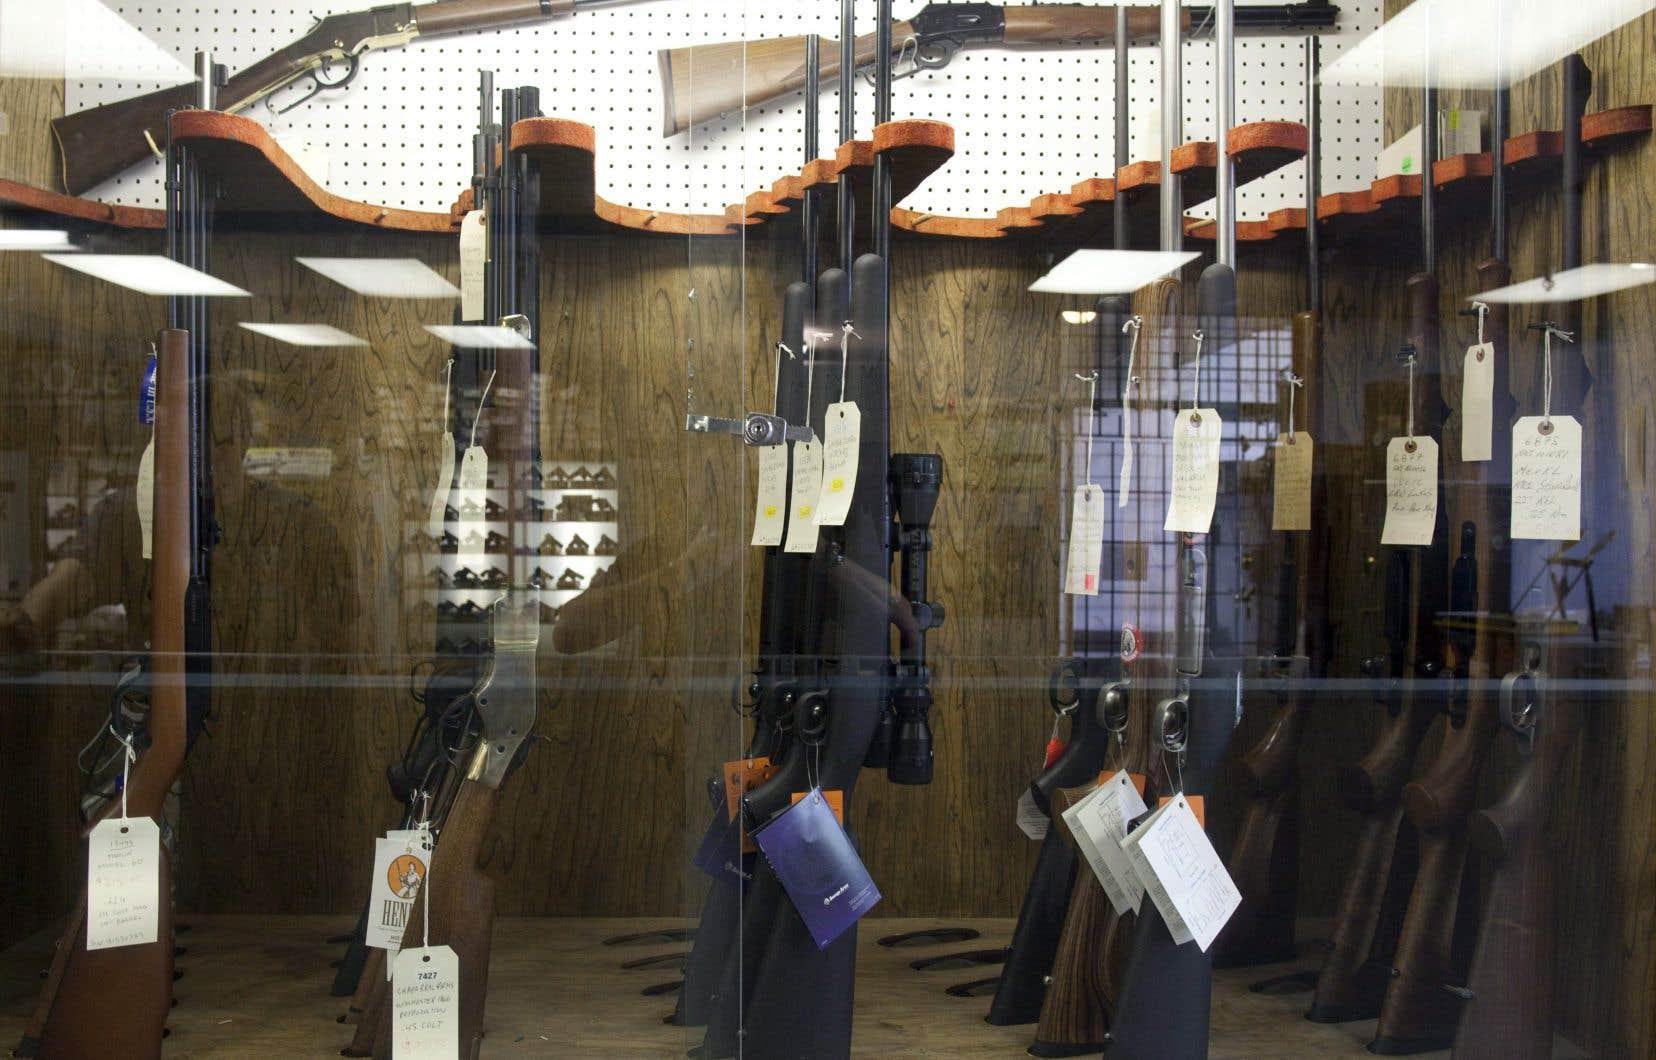 Le gouvernement québécois avait entamé des démarches pour rendre l'immatriculation des armes à feu obligatoire dans la province après que le gouvernement Harper eut aboli le registre canadien des armes à feu en 2012.